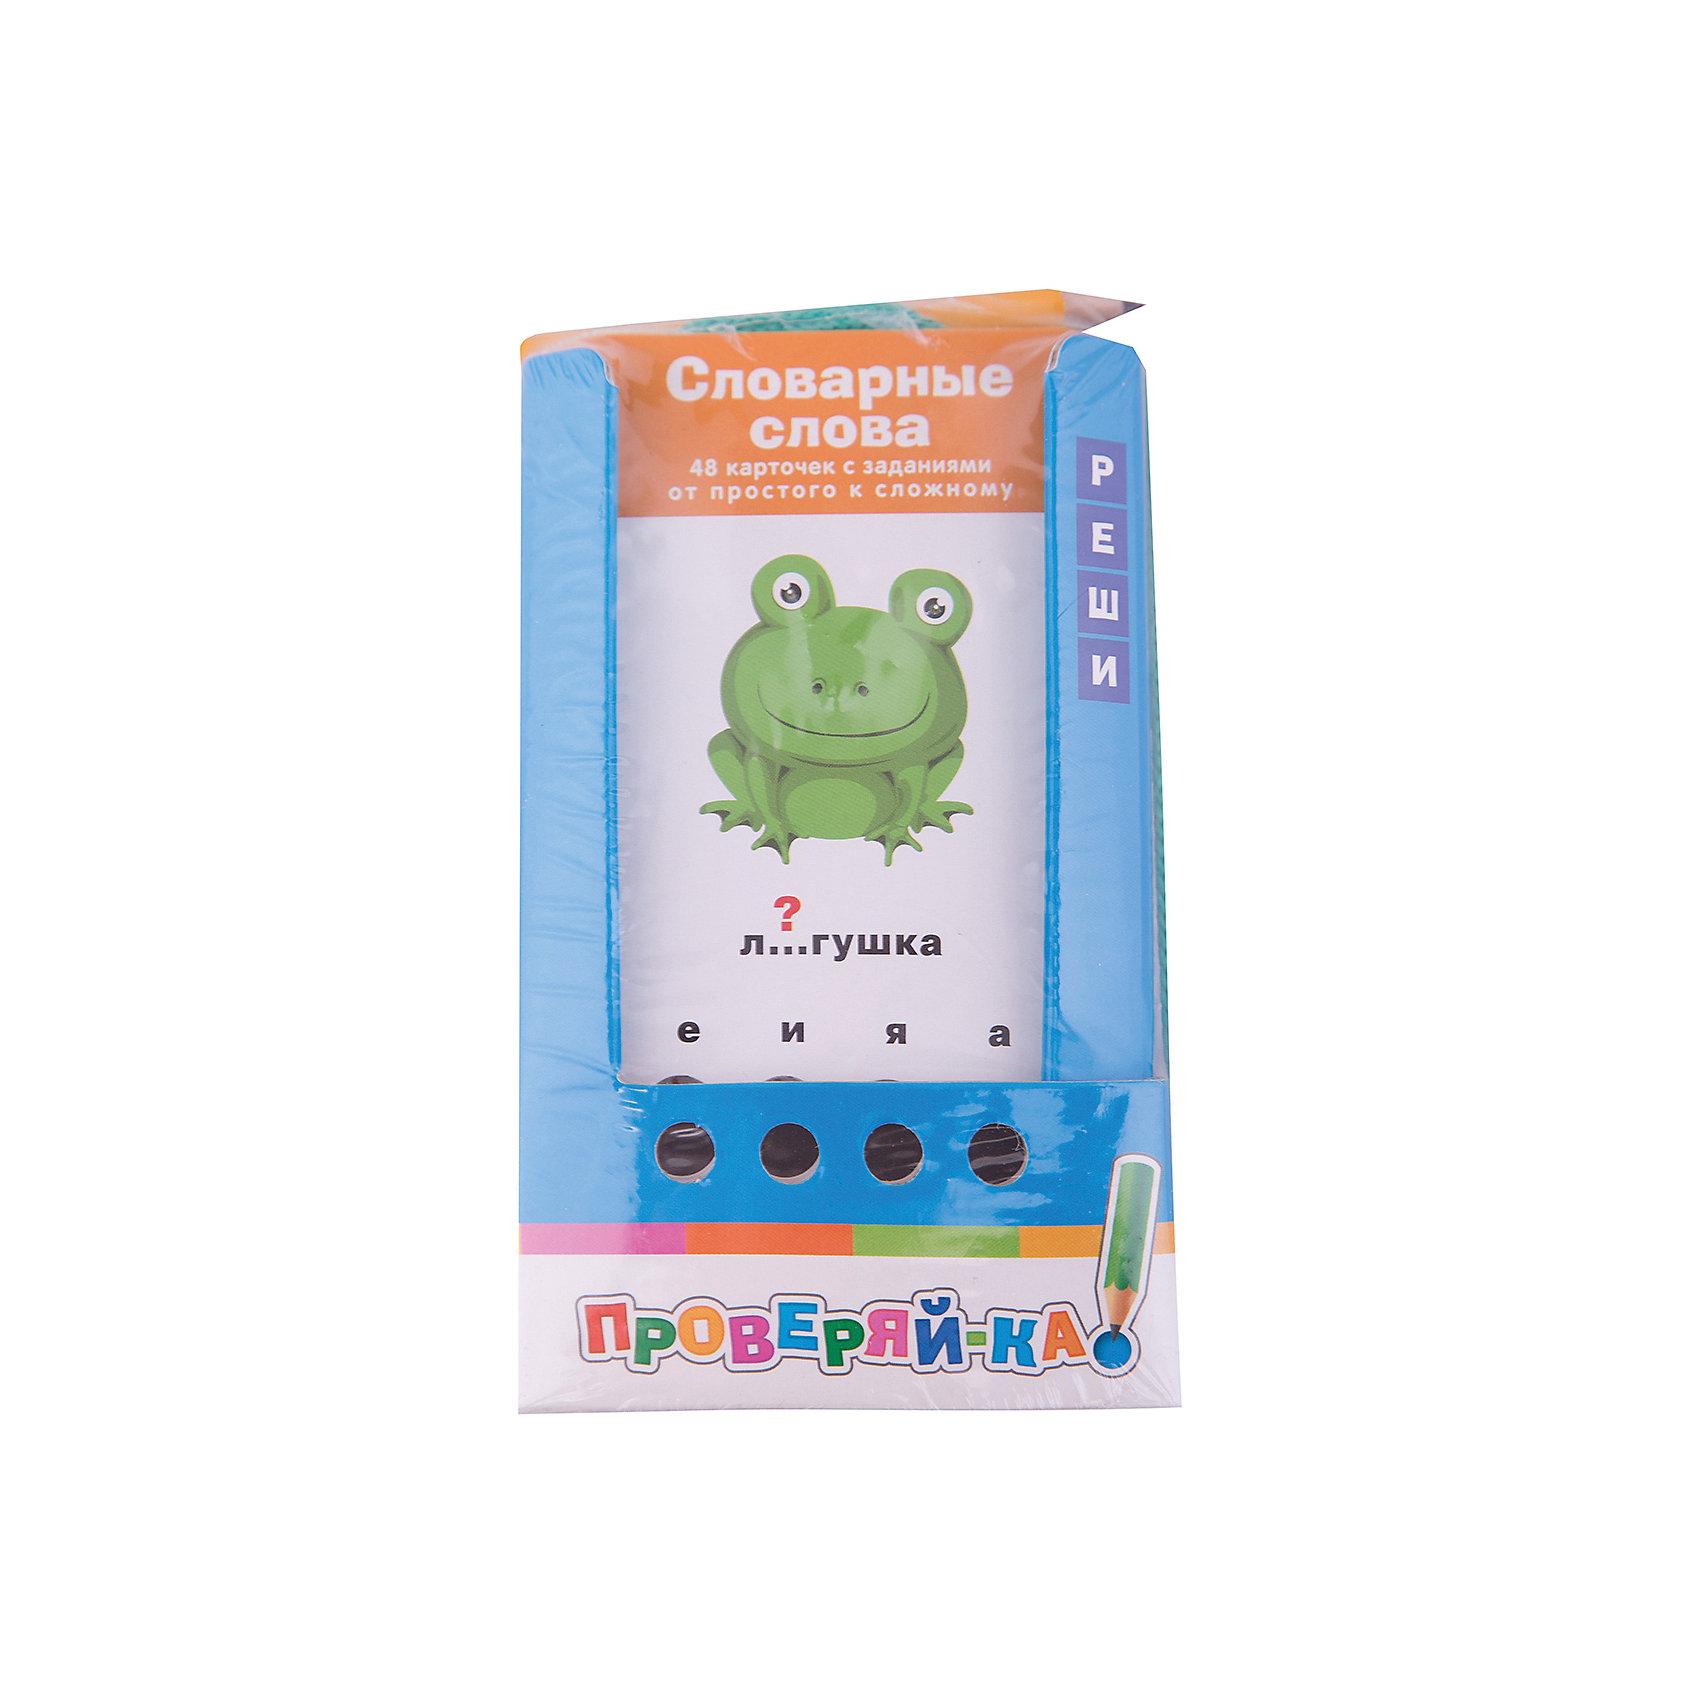 Проверяй-ка: Словарные слова, Куликова Е НОбучающие карточки<br>Комплект состоит из 48 двухсторонних карточек и рассчитан на две разных игры с цветной и чёрно-белой сторонами. Задания предлагаемого комплекта ориентированы на автоматизацию навыка правильного написания словарных слов в начальной школе.&#13;<br>Условия игры с карточками подразумевают их многократное использование. Простота и удобство комплекта позволяют организовать игру в школе и дома, а также в транспорте или на природе. Благодаря игровой форме пособия учебный материал усваивается легче и без принуждения, реализуется безопасное для здоровья ребёнка обучение.<br><br>Ширина мм: 22<br>Глубина мм: 90<br>Высота мм: 140<br>Вес г: 120<br>Возраст от месяцев: 84<br>Возраст до месяцев: 120<br>Пол: Унисекс<br>Возраст: Детский<br>SKU: 6849612